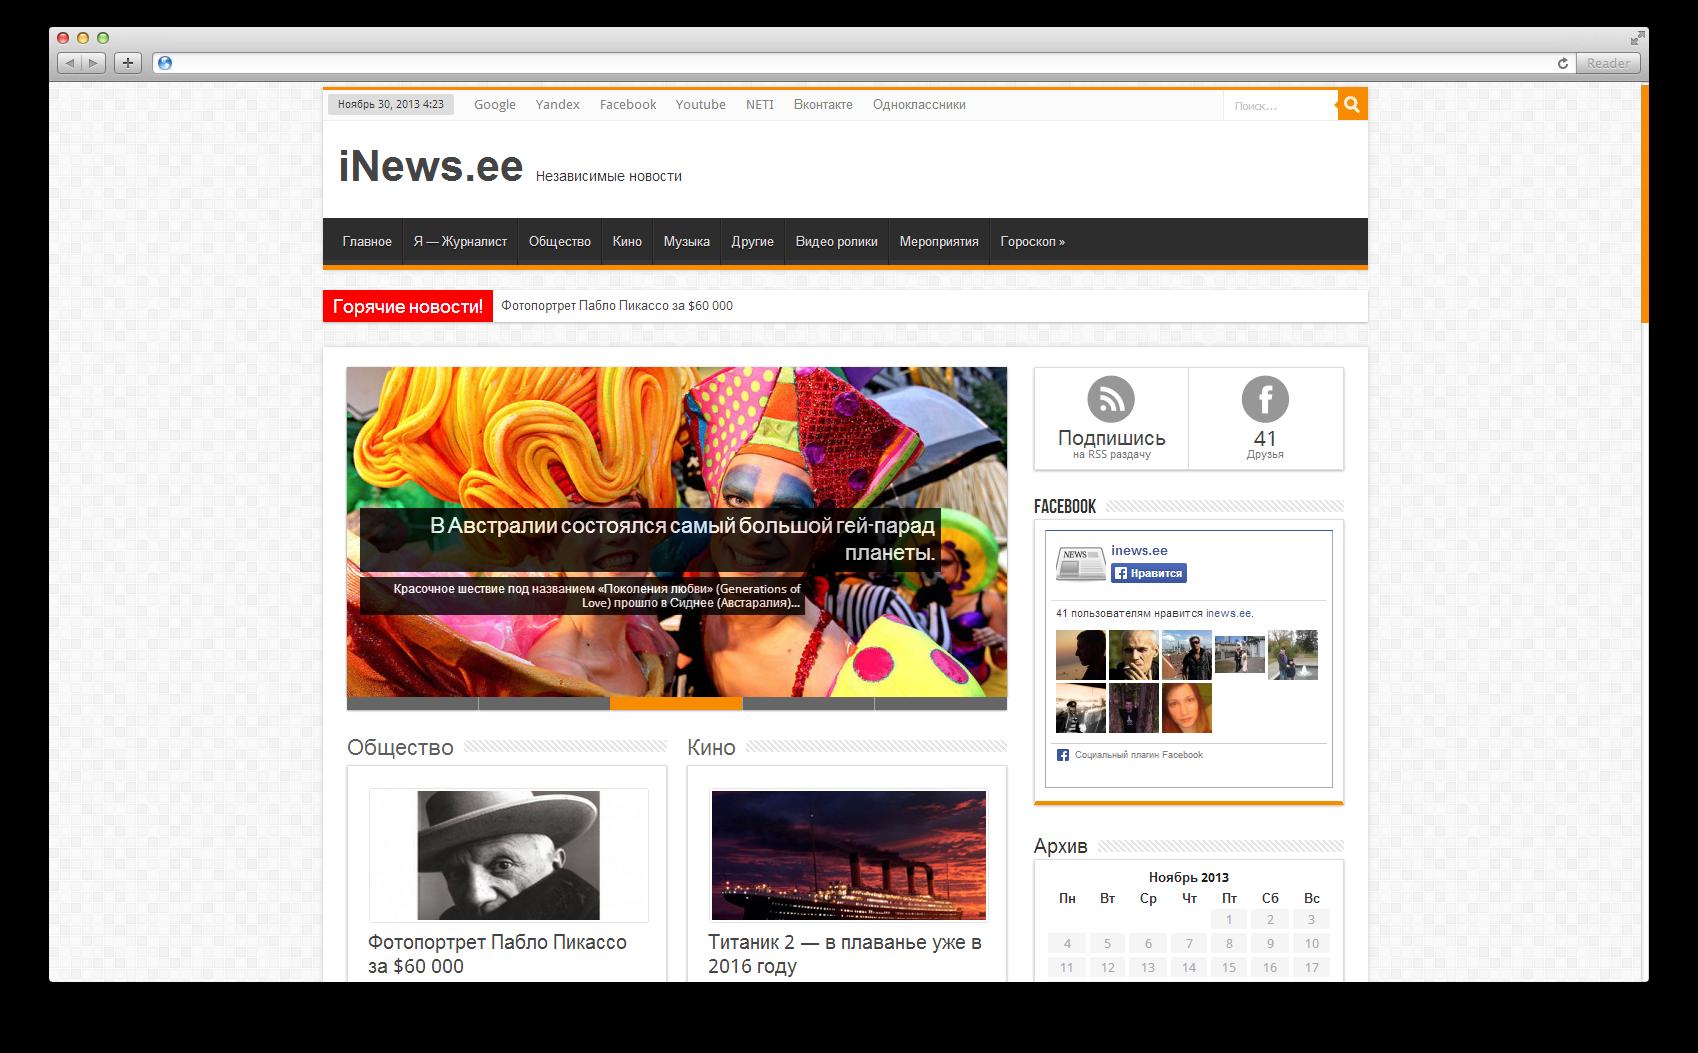 Независимый портал INews